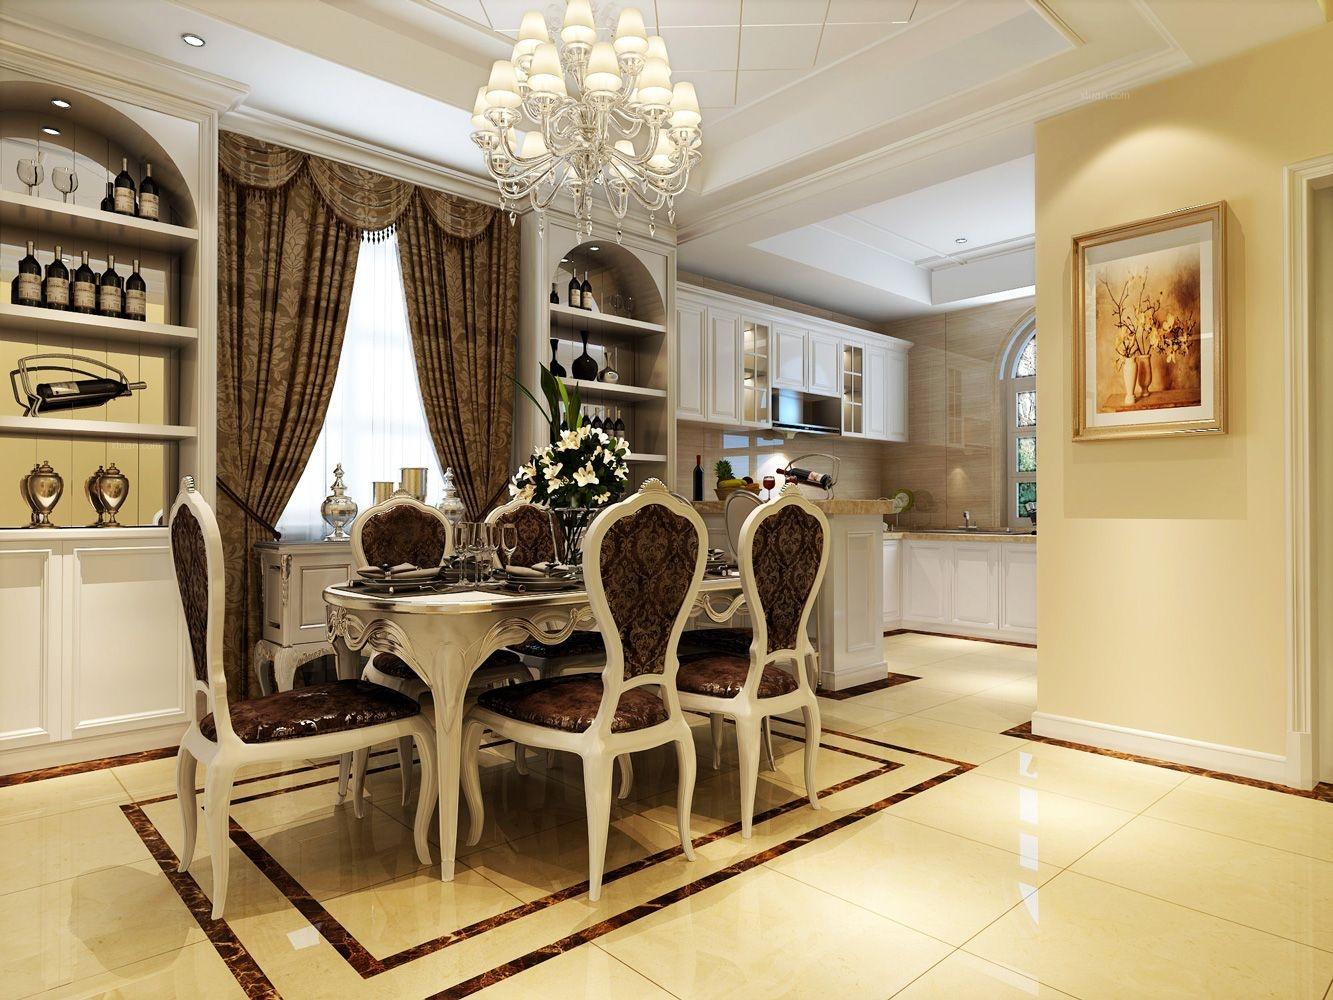 金沙御墅别墅欧式新古典风格设计装修效果图